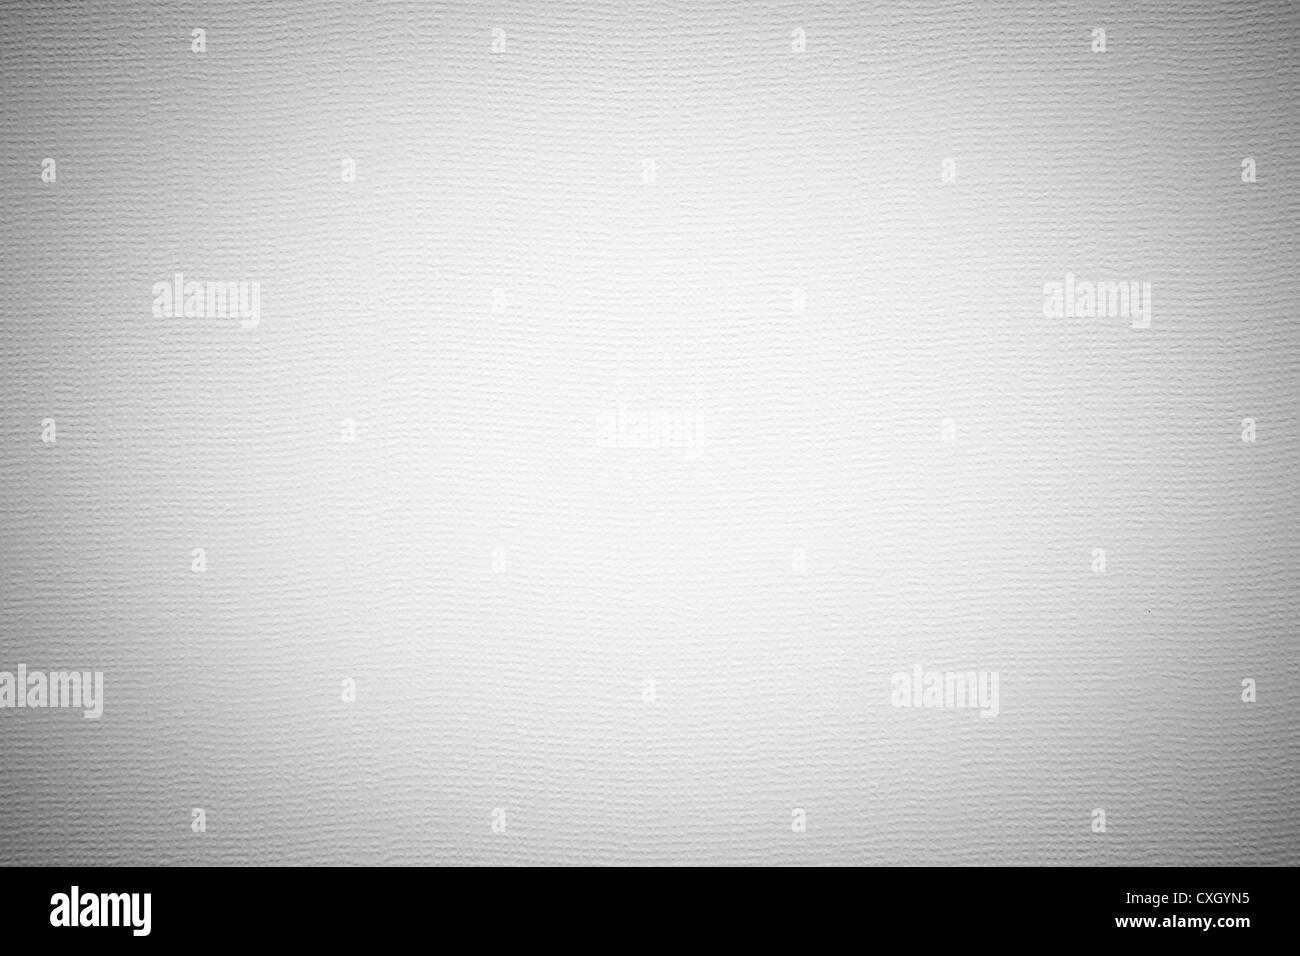 La texture du papier blanc ou d'arrière-plan. Photo Stock